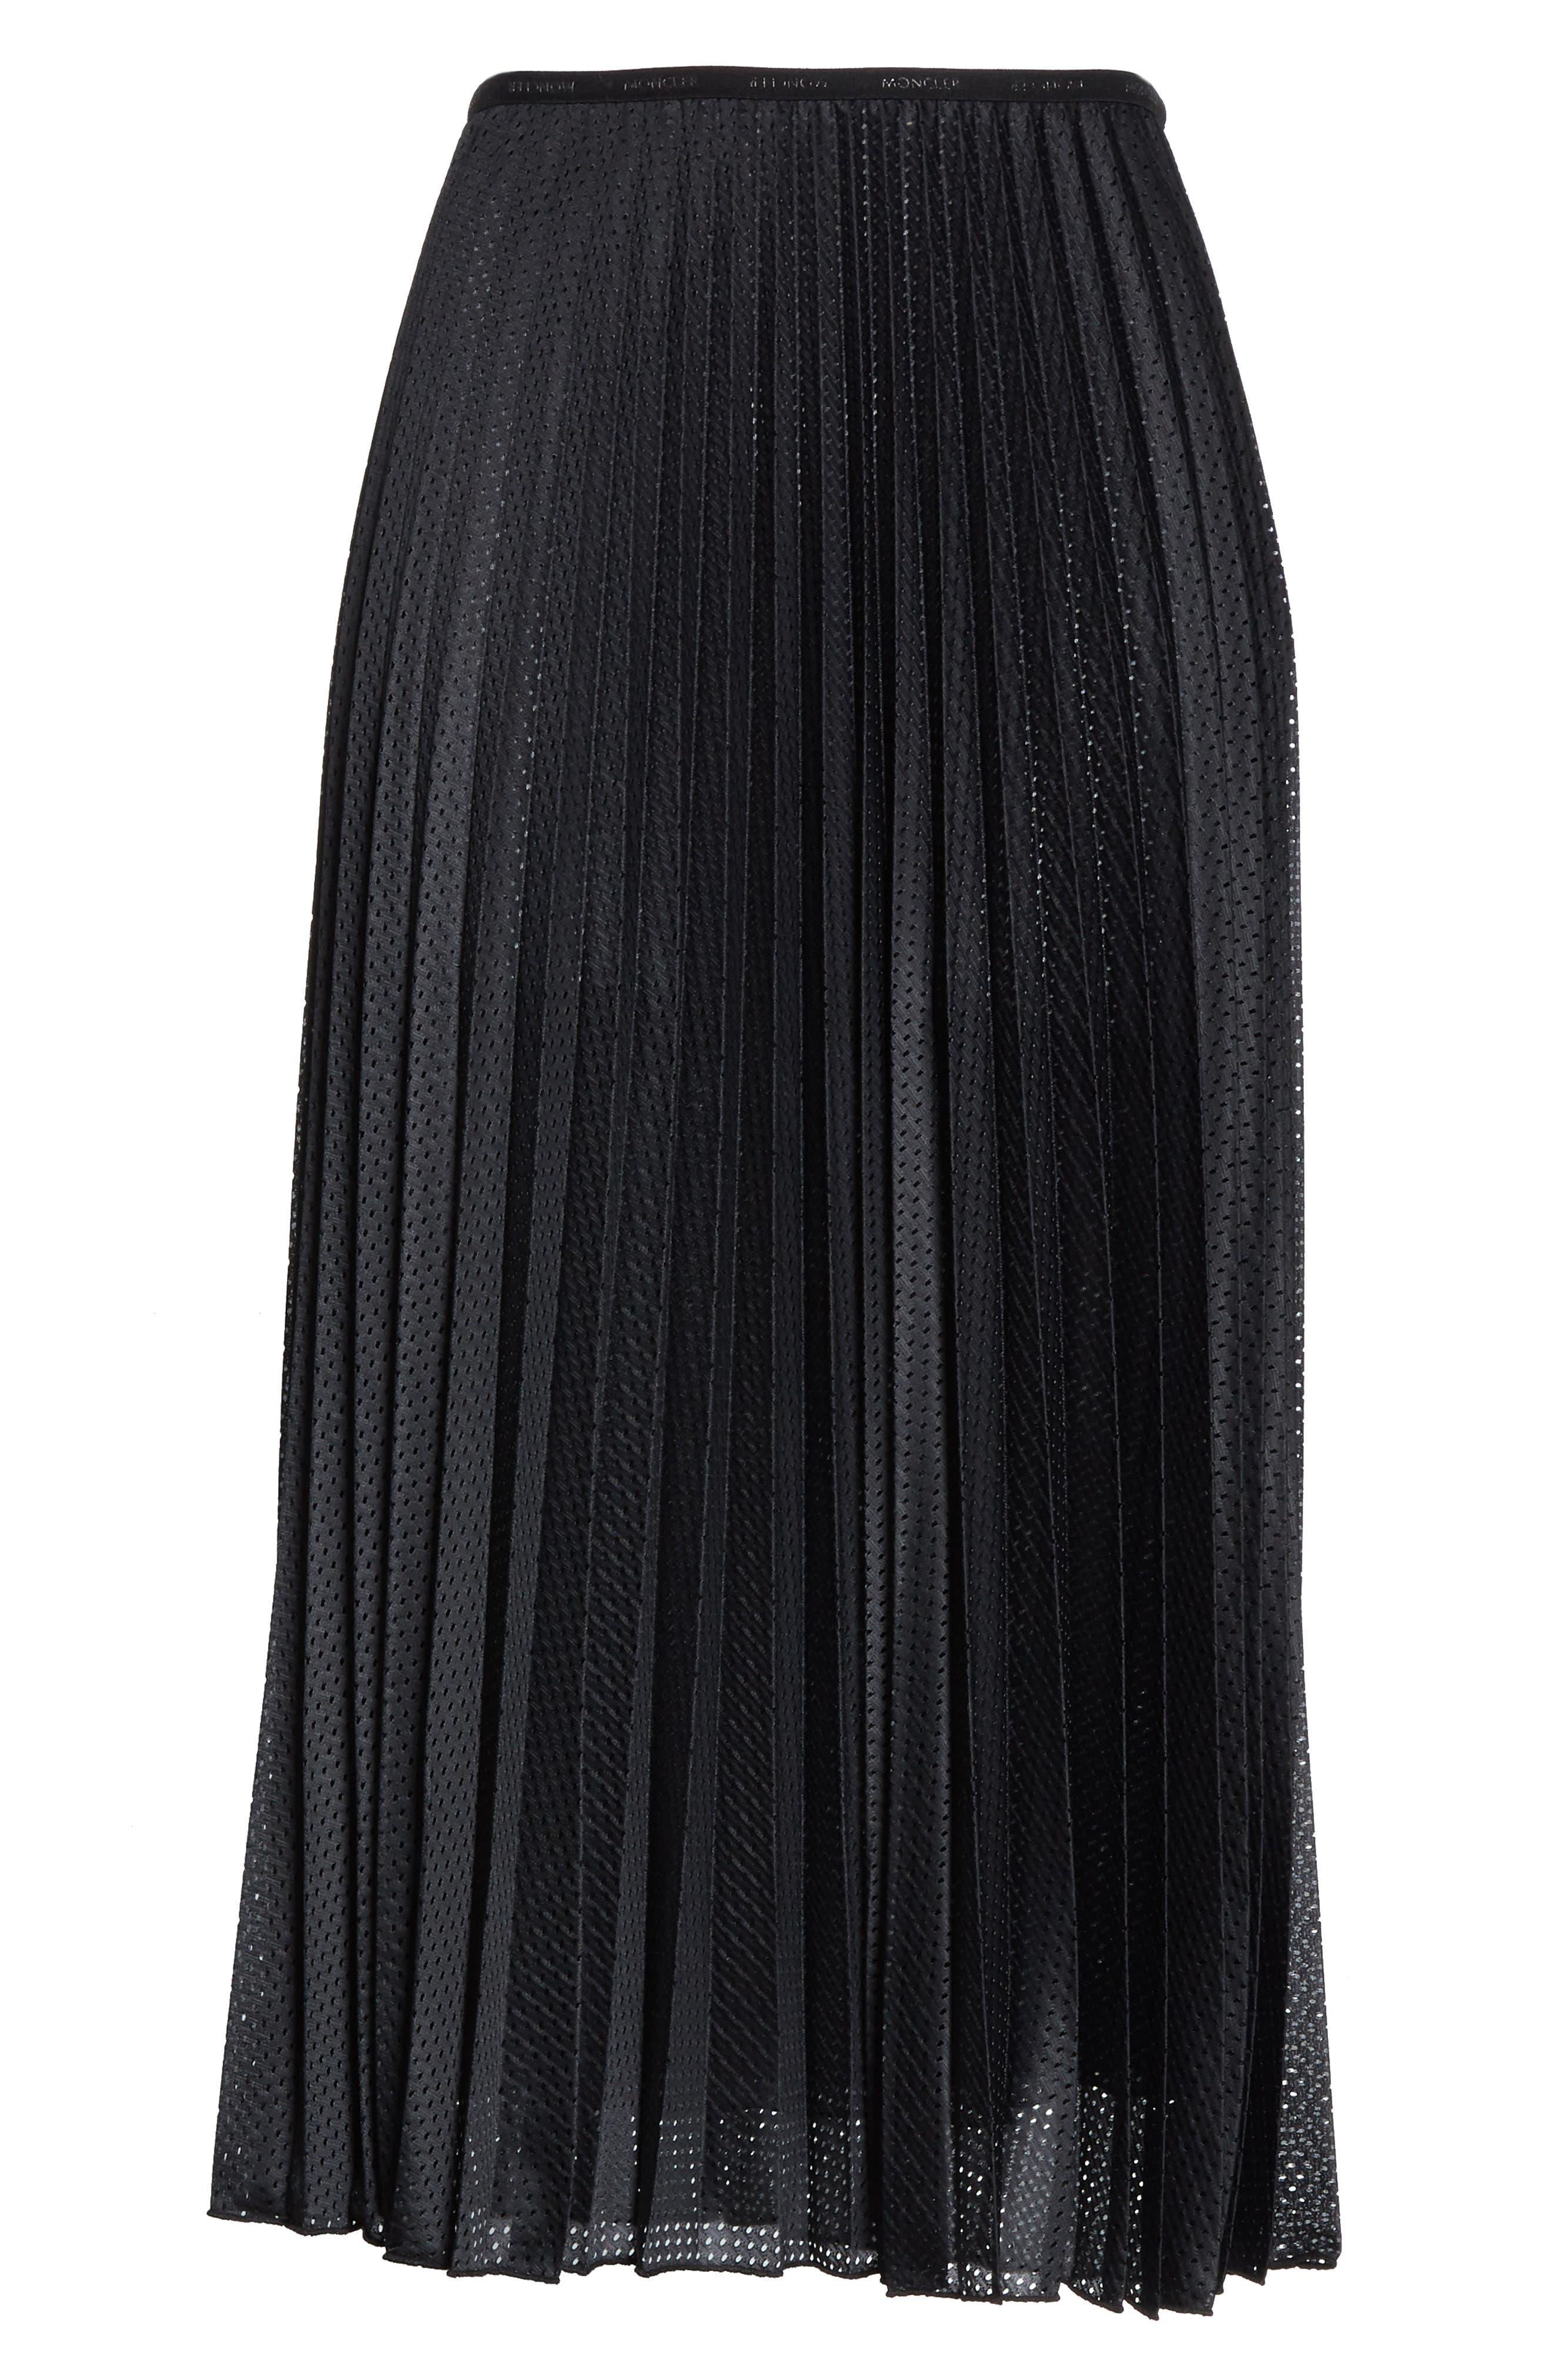 MONCLER, Pleated Mesh Skirt, Alternate thumbnail 6, color, 001